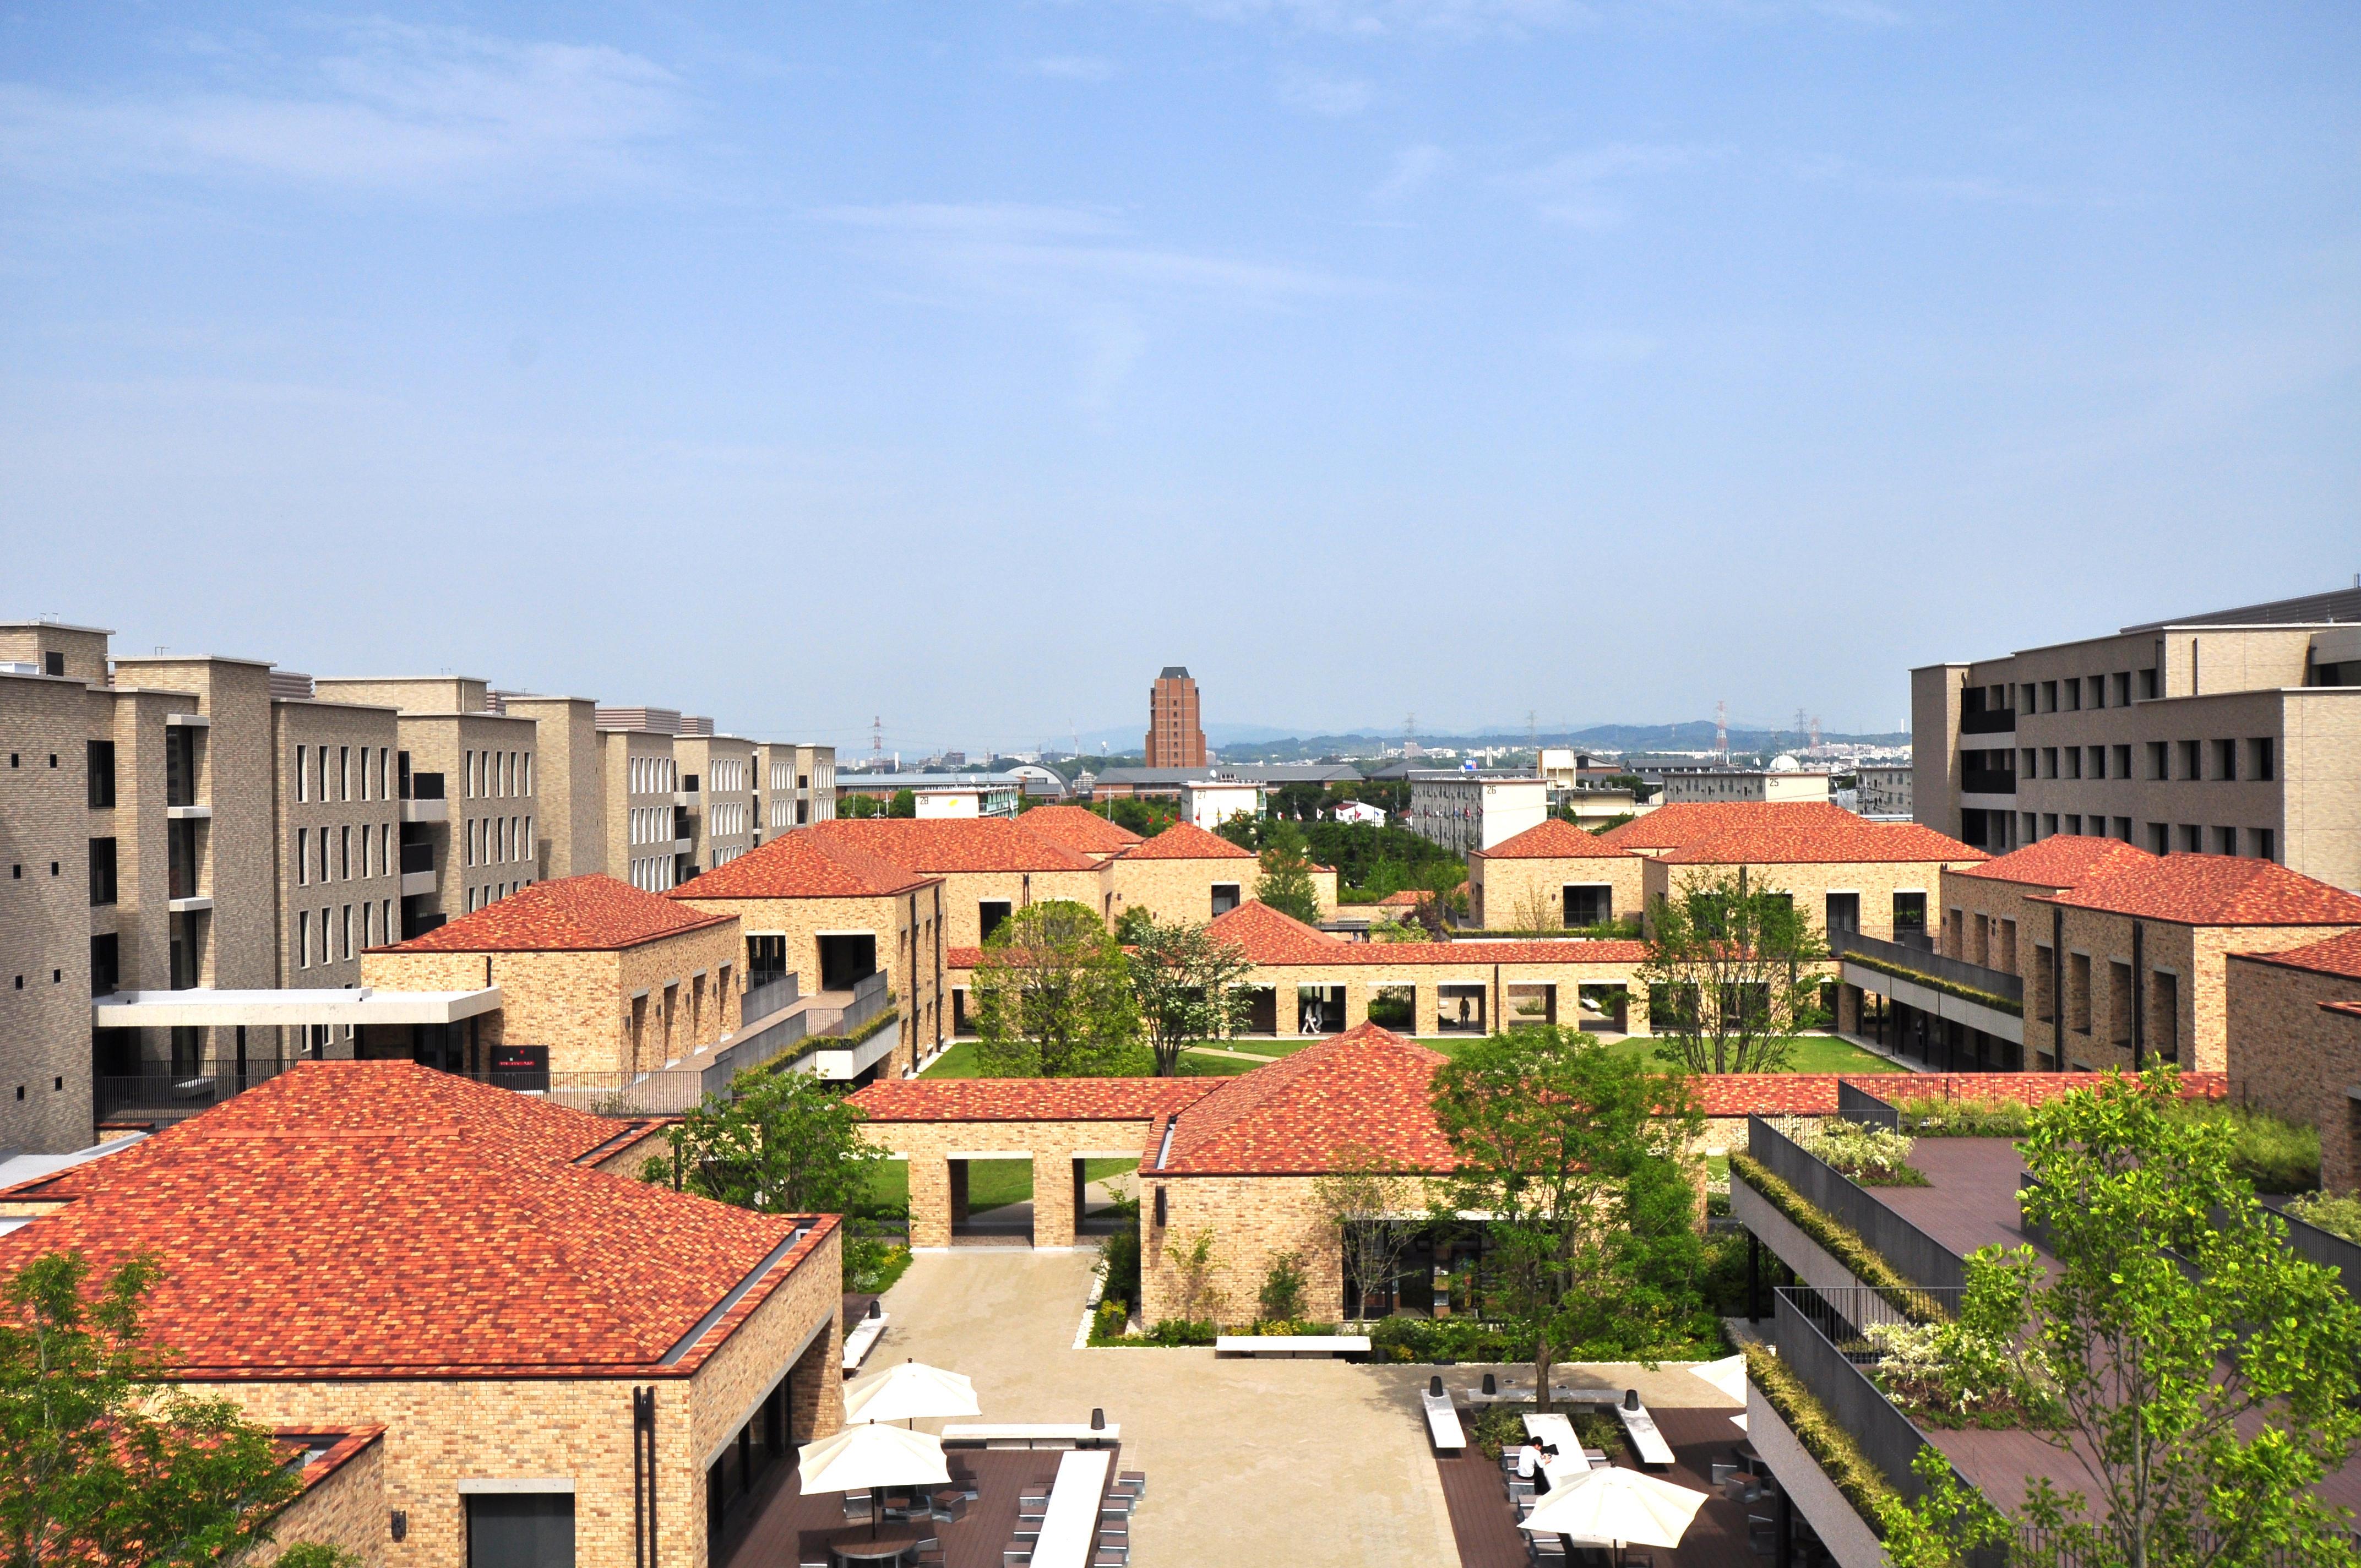 6月9日(土)に御殿山キャンパス・グローバルタウン開学記念式典を開催 -- 関西外国語大学